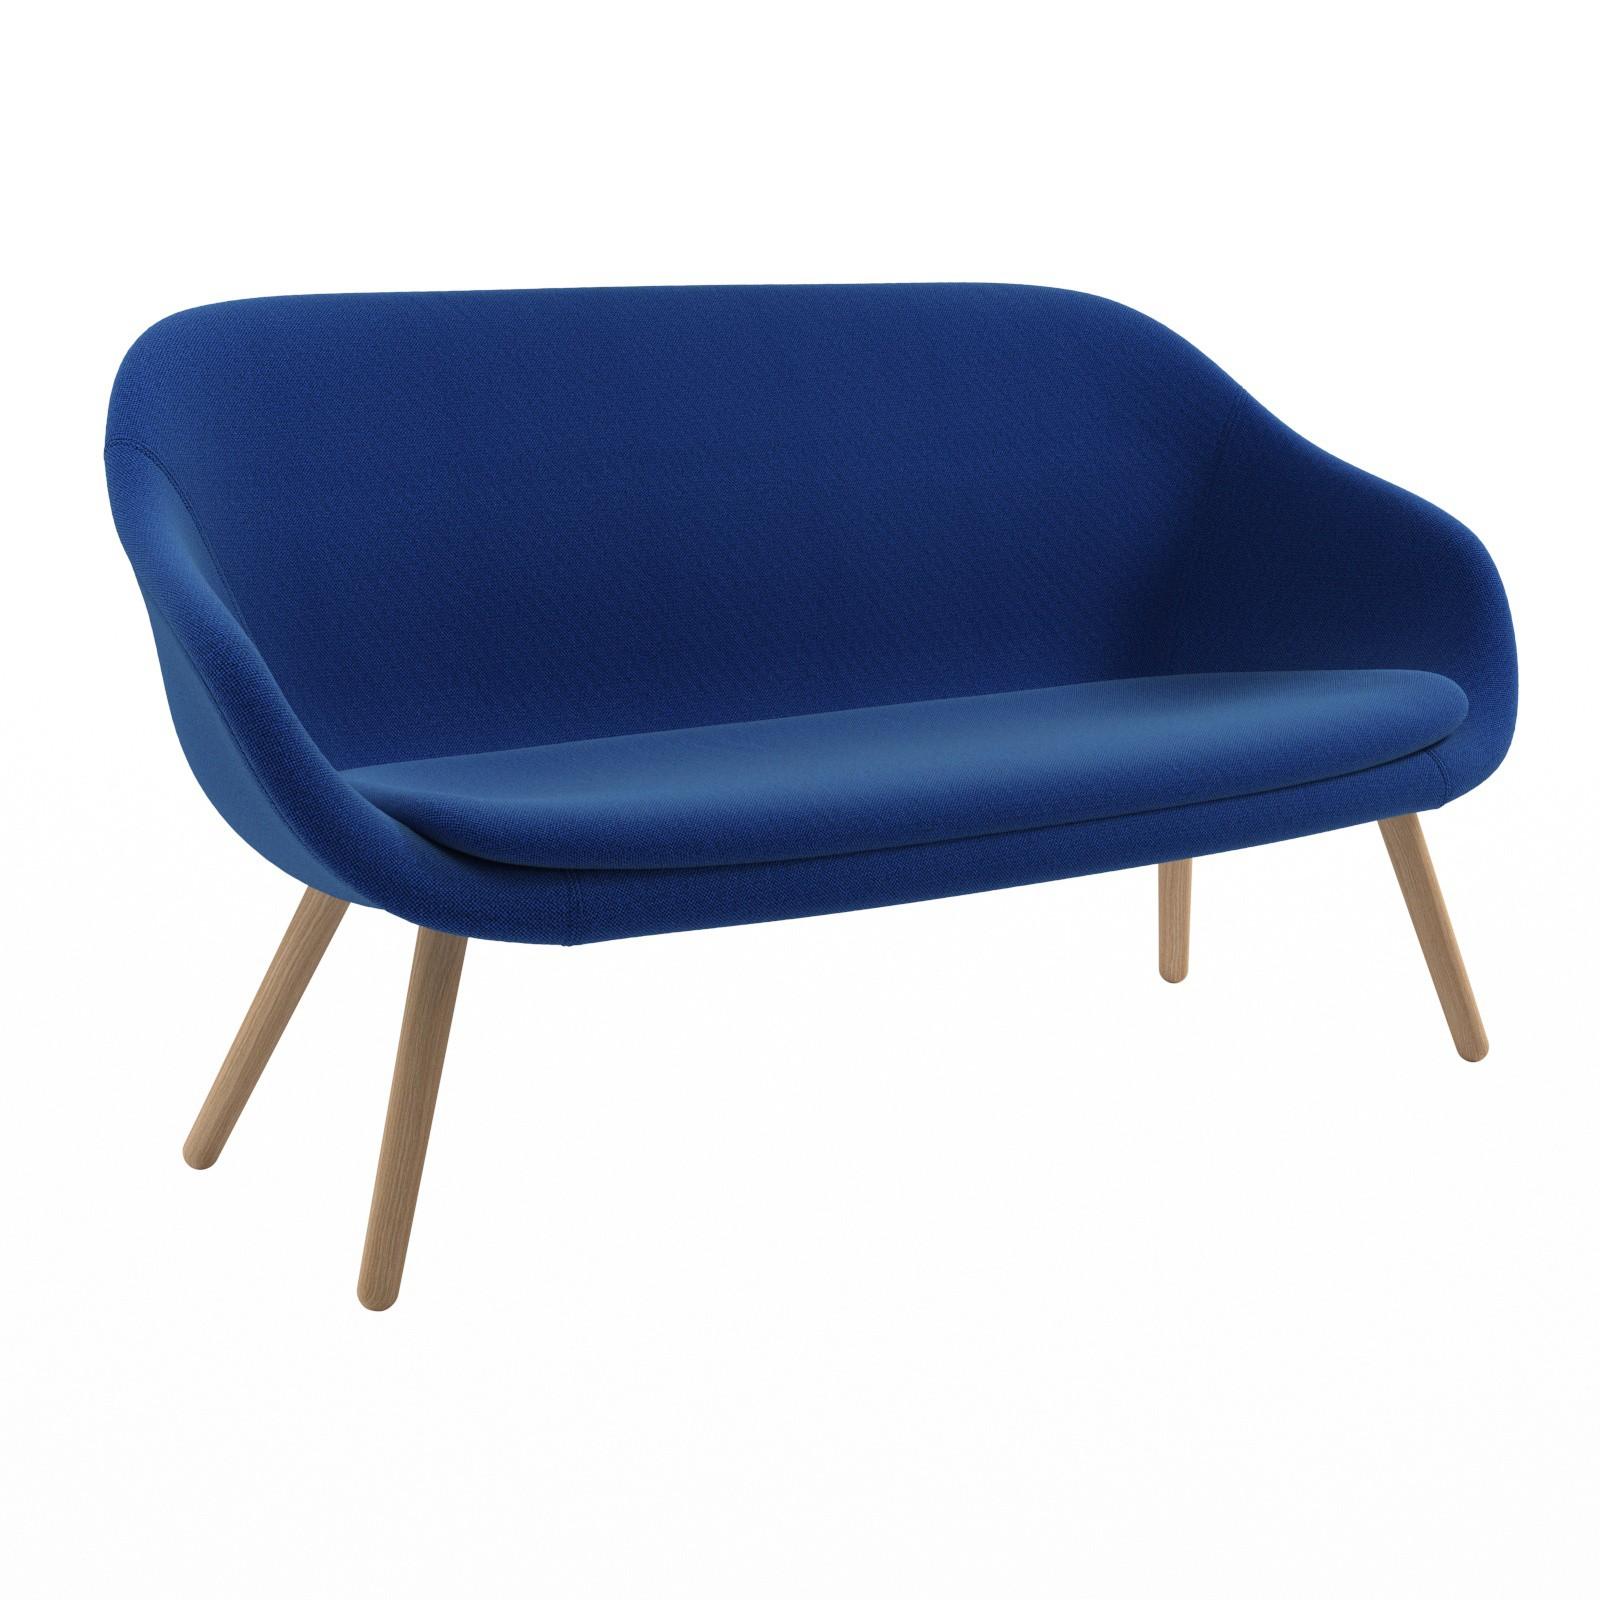 AAL sofa Hallingdal 65 754, Matt Lacquered Solid oak Frame, CMHR foam - No